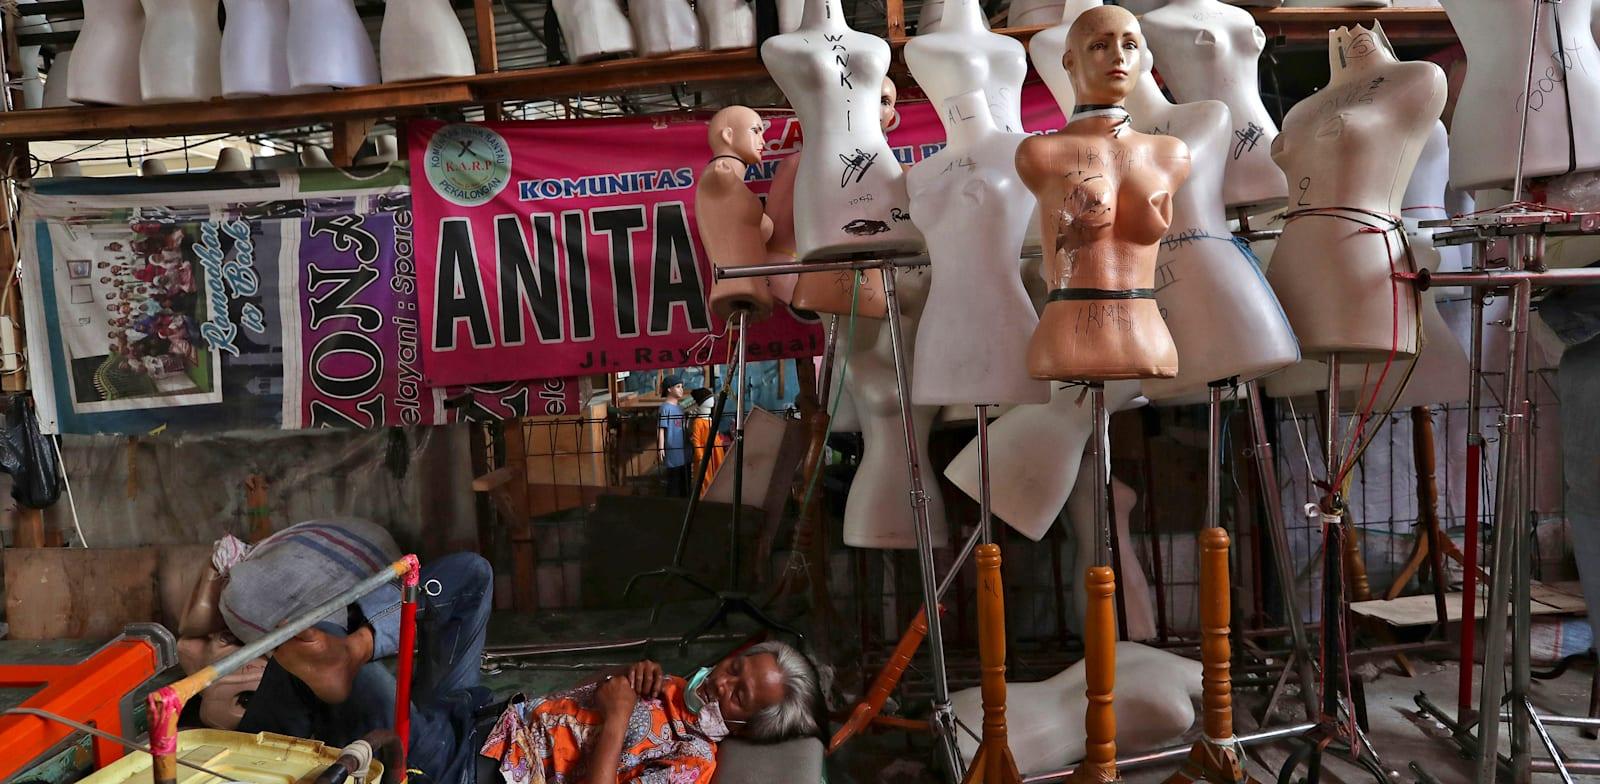 חנות של חייט שנסגרה בבירת אינדונזיה, ג'קארטה, מאי / צילום: AP, Tatan Syuflana